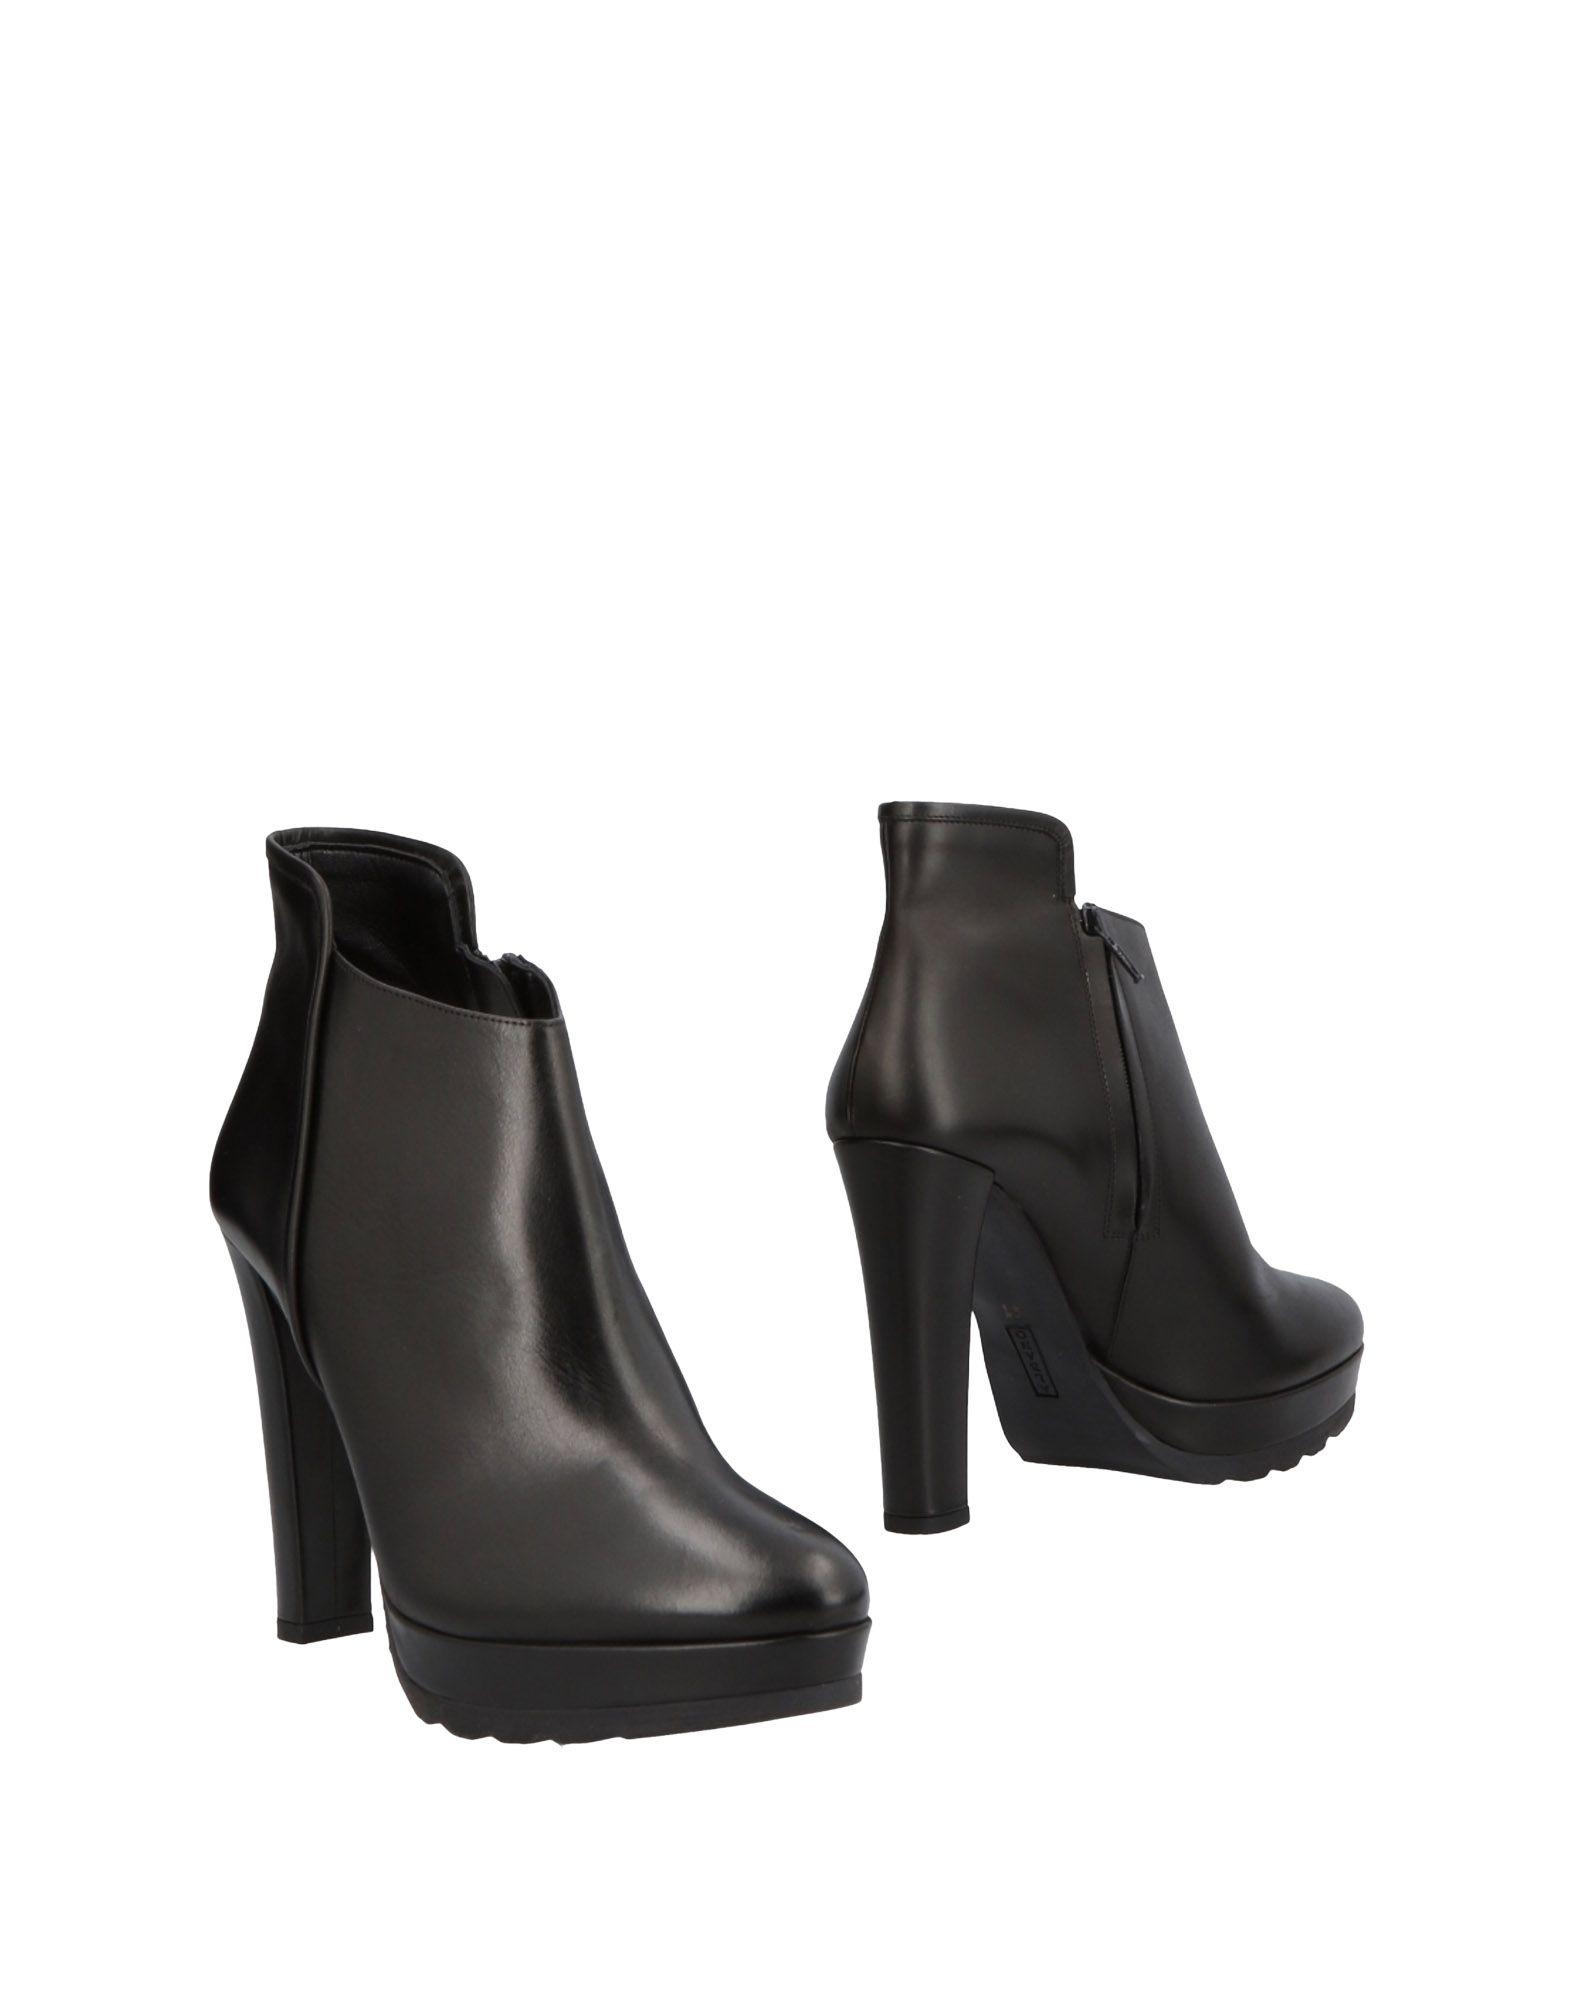 Albano Stiefelette Damen  11494857OR Gute Qualität beliebte Schuhe